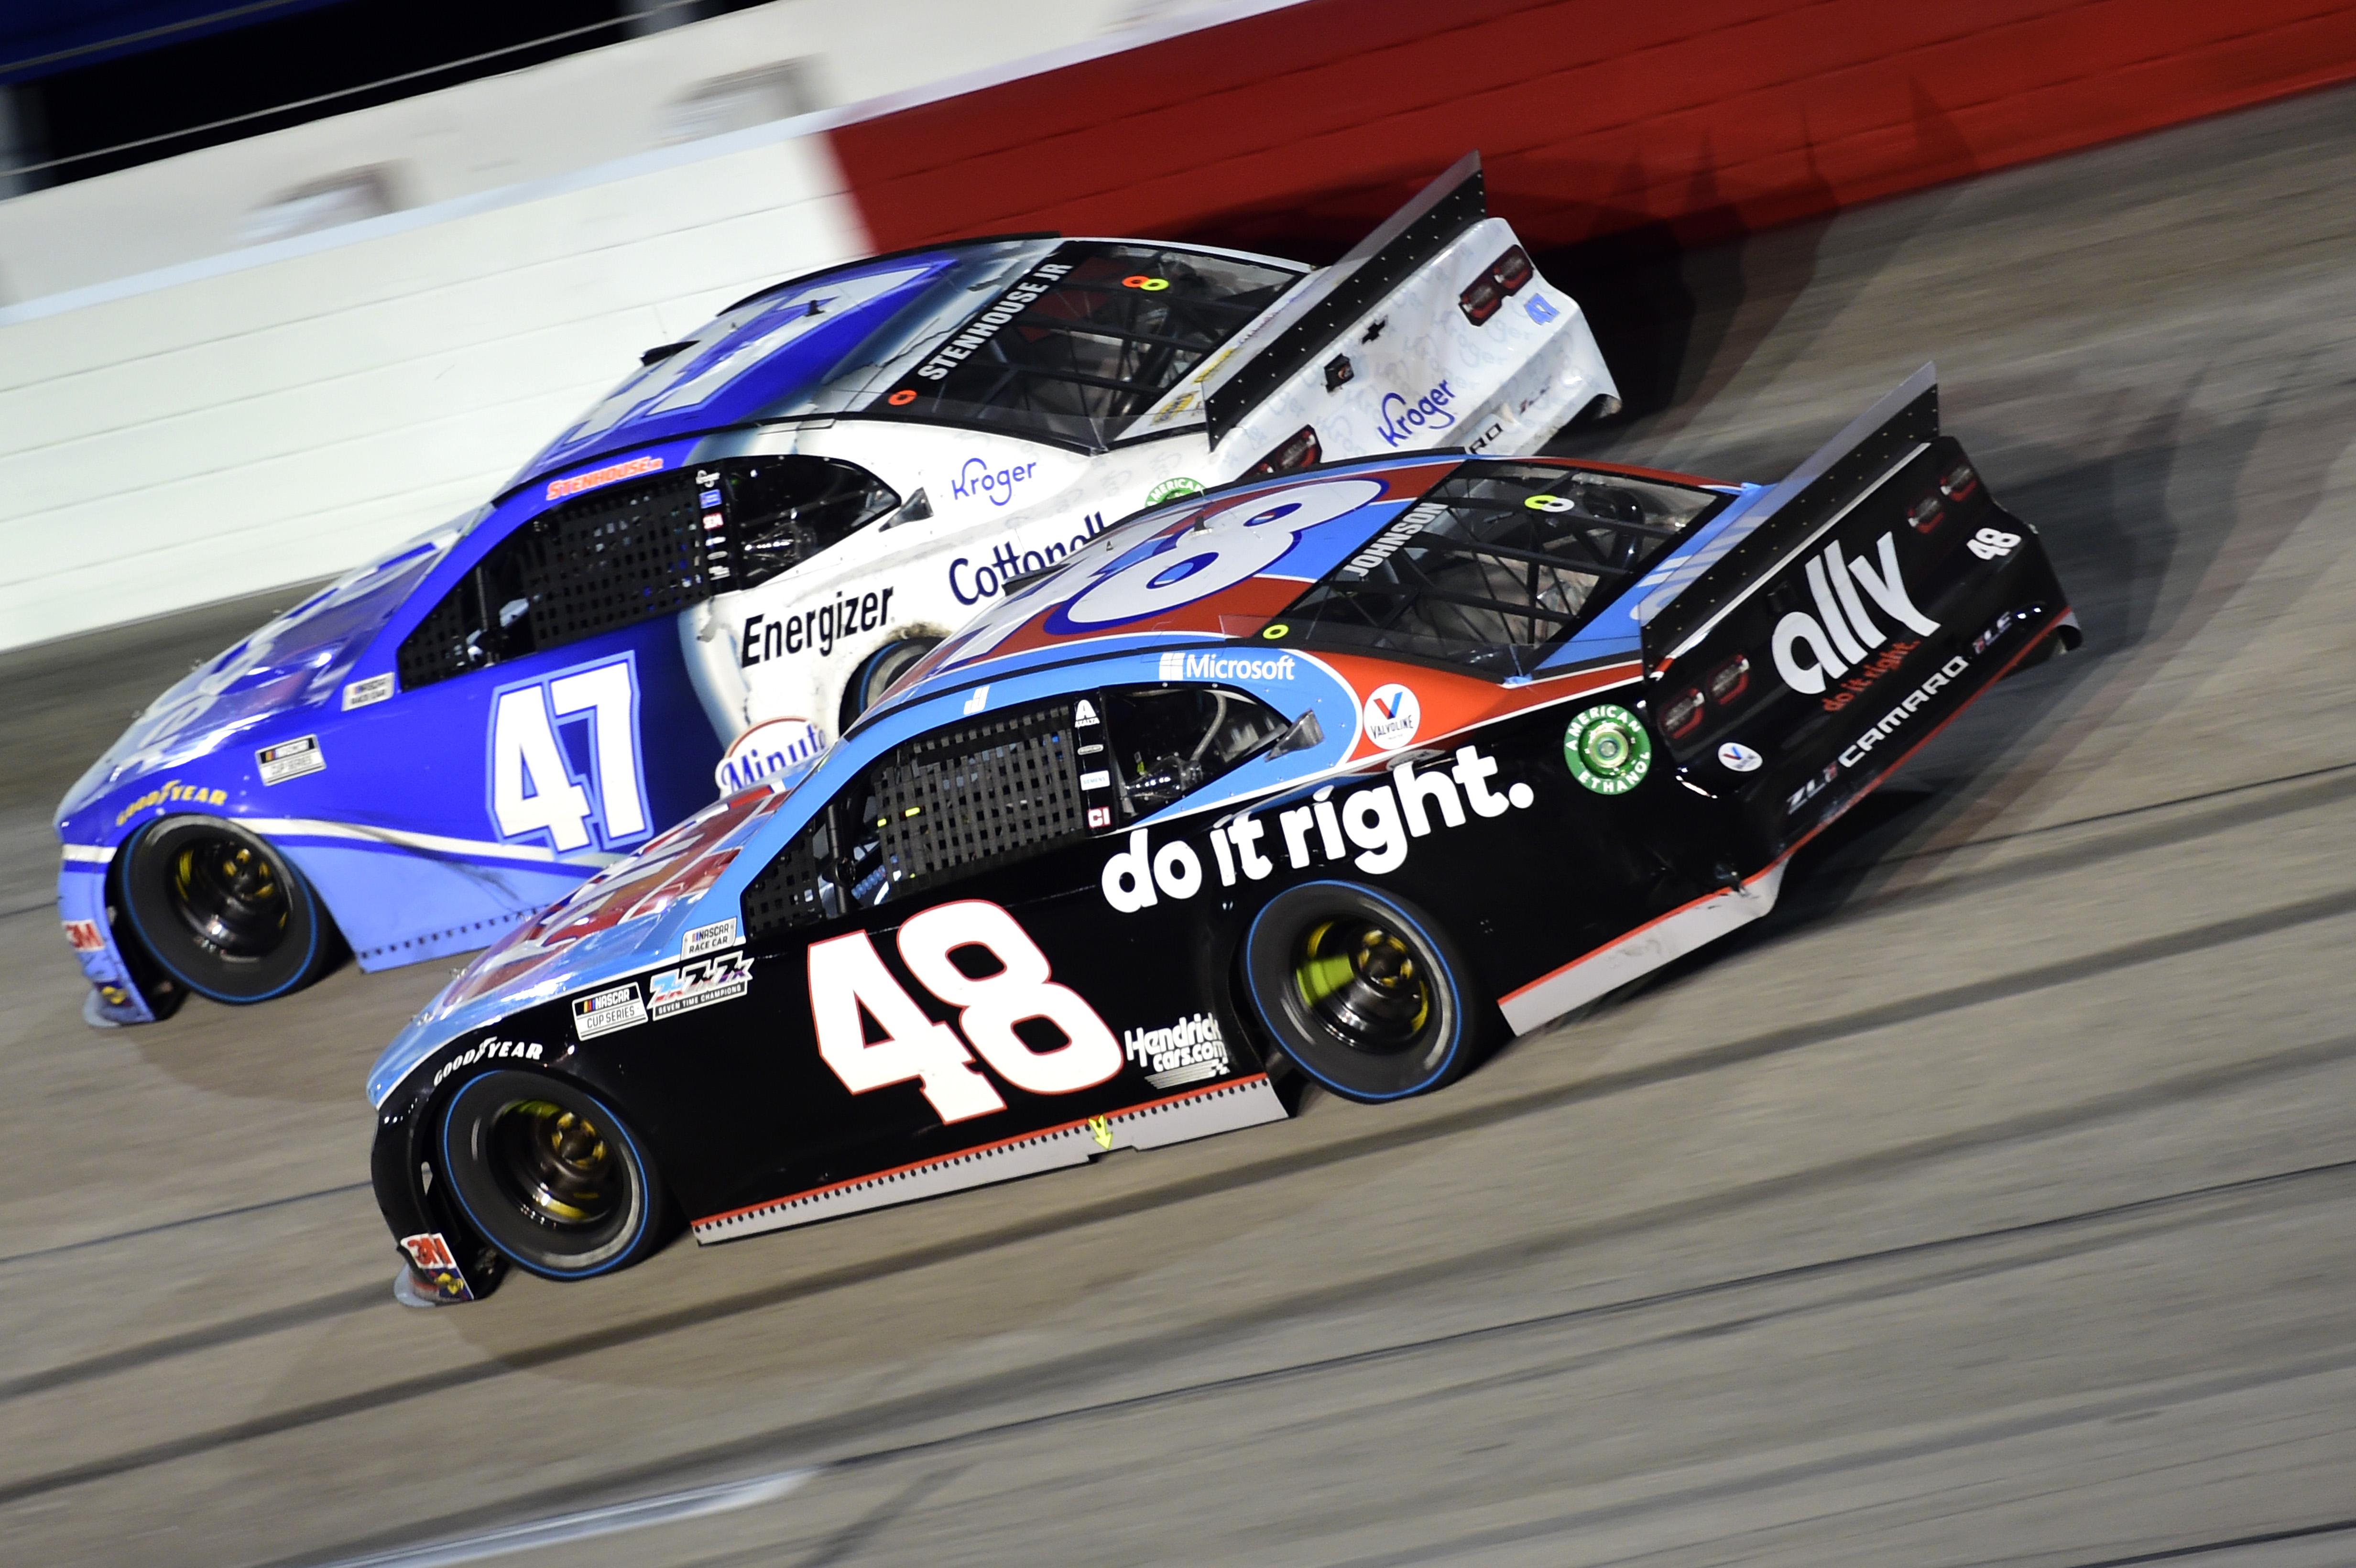 吉米·约翰逊(Jimmie Johnson), #48 Ally Throwback雪佛兰(#47 Kroger Chevrolet)赛车手,瑞奇·斯坦豪斯(Ricky Stenhouse Jr.), 2020年9月6日在南卡罗莱纳达林顿赛道(Darlington Raceway)举行的纳斯卡杯系列赛Cook Out Southern 500。